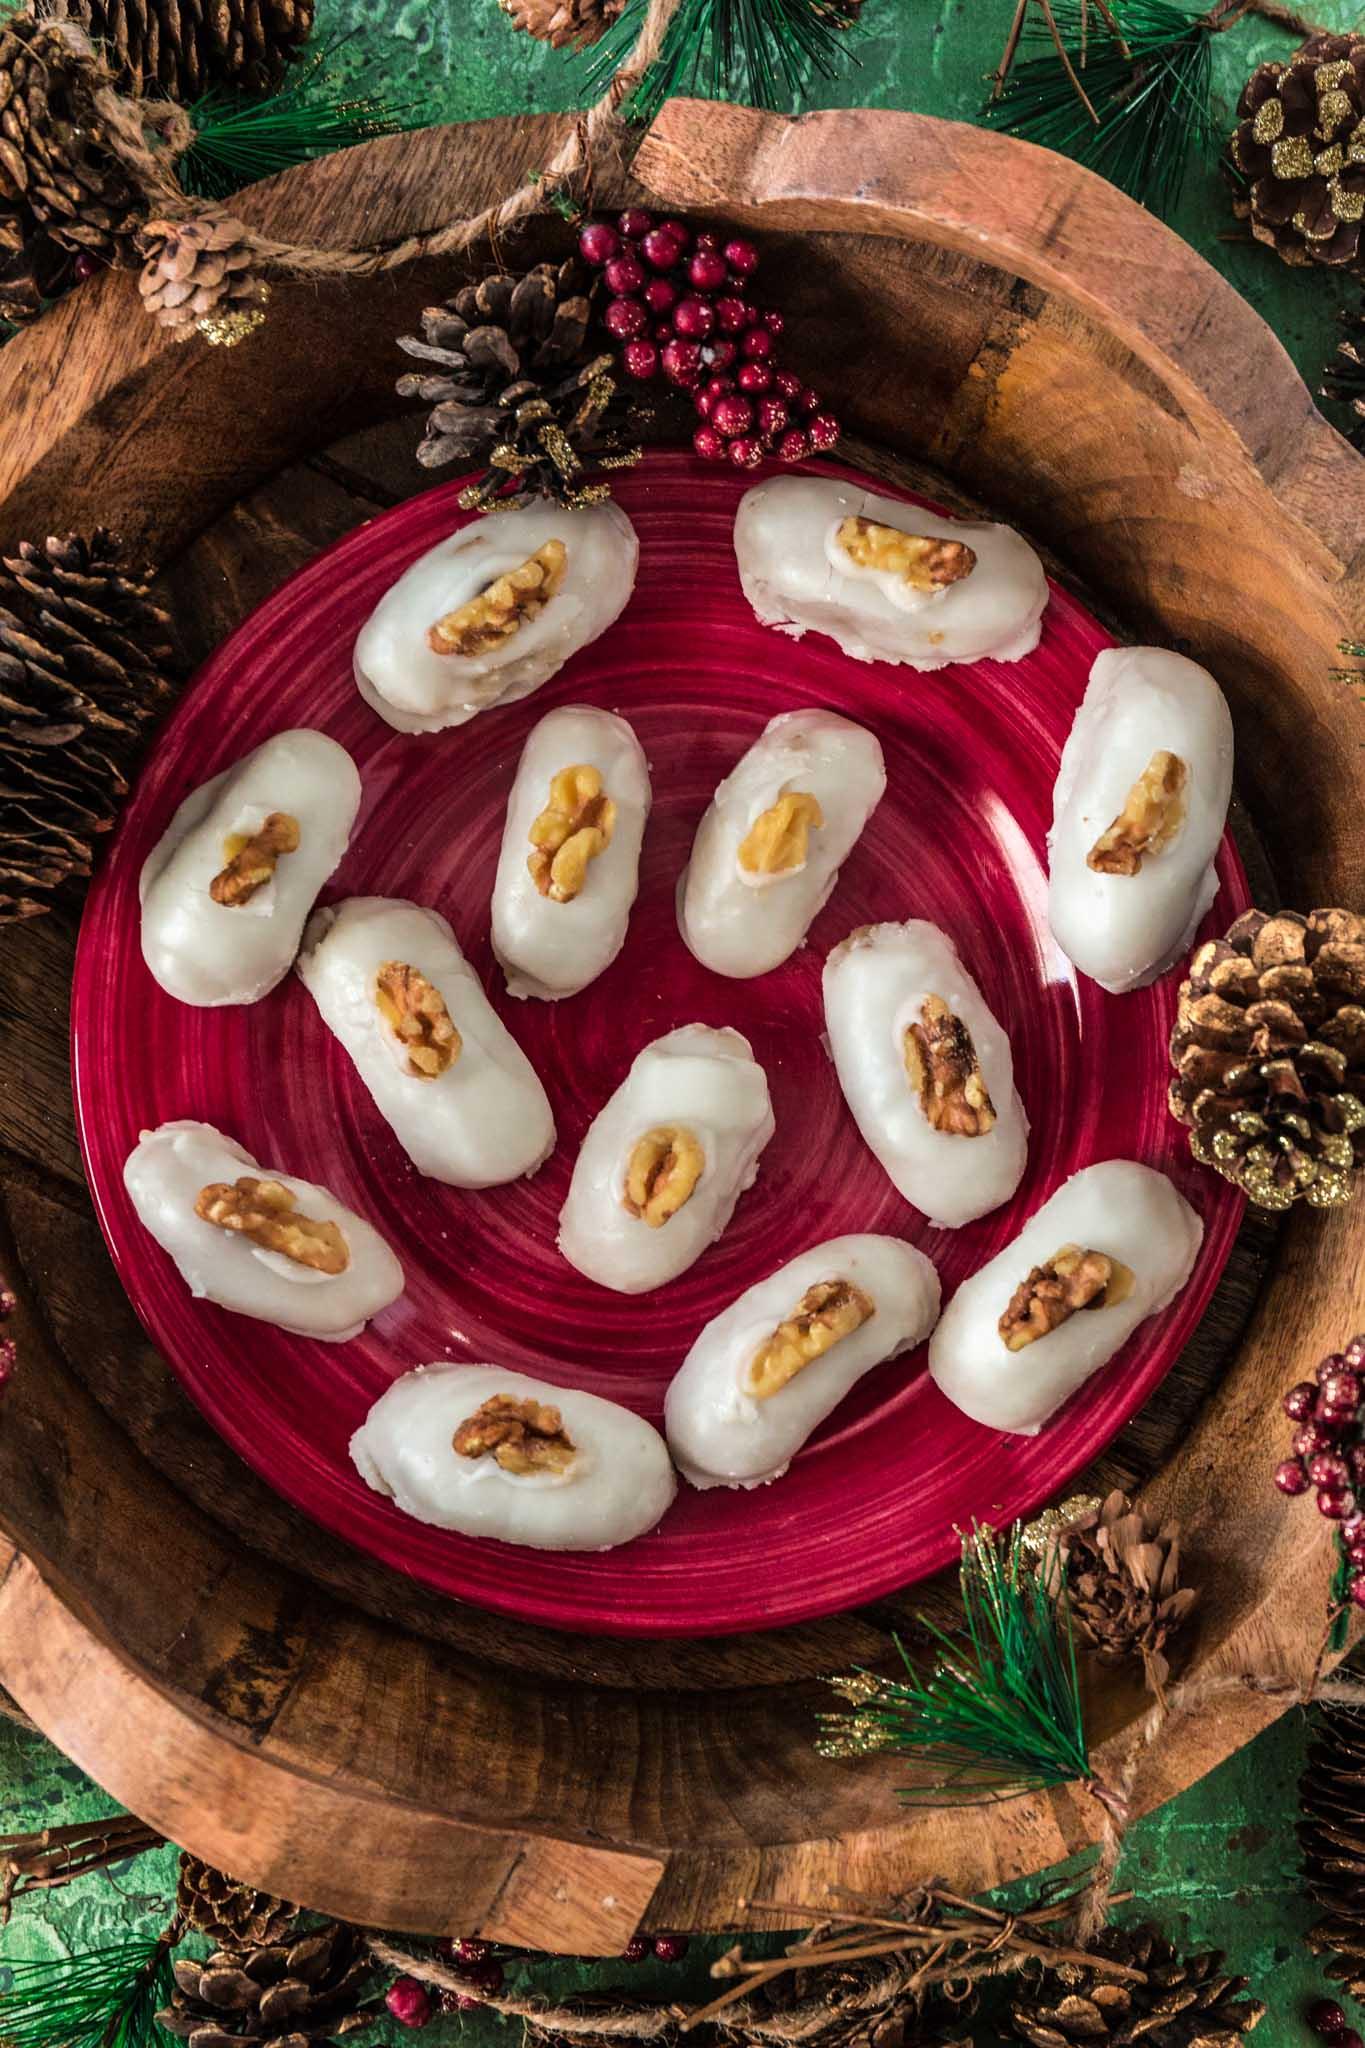 walnut candies